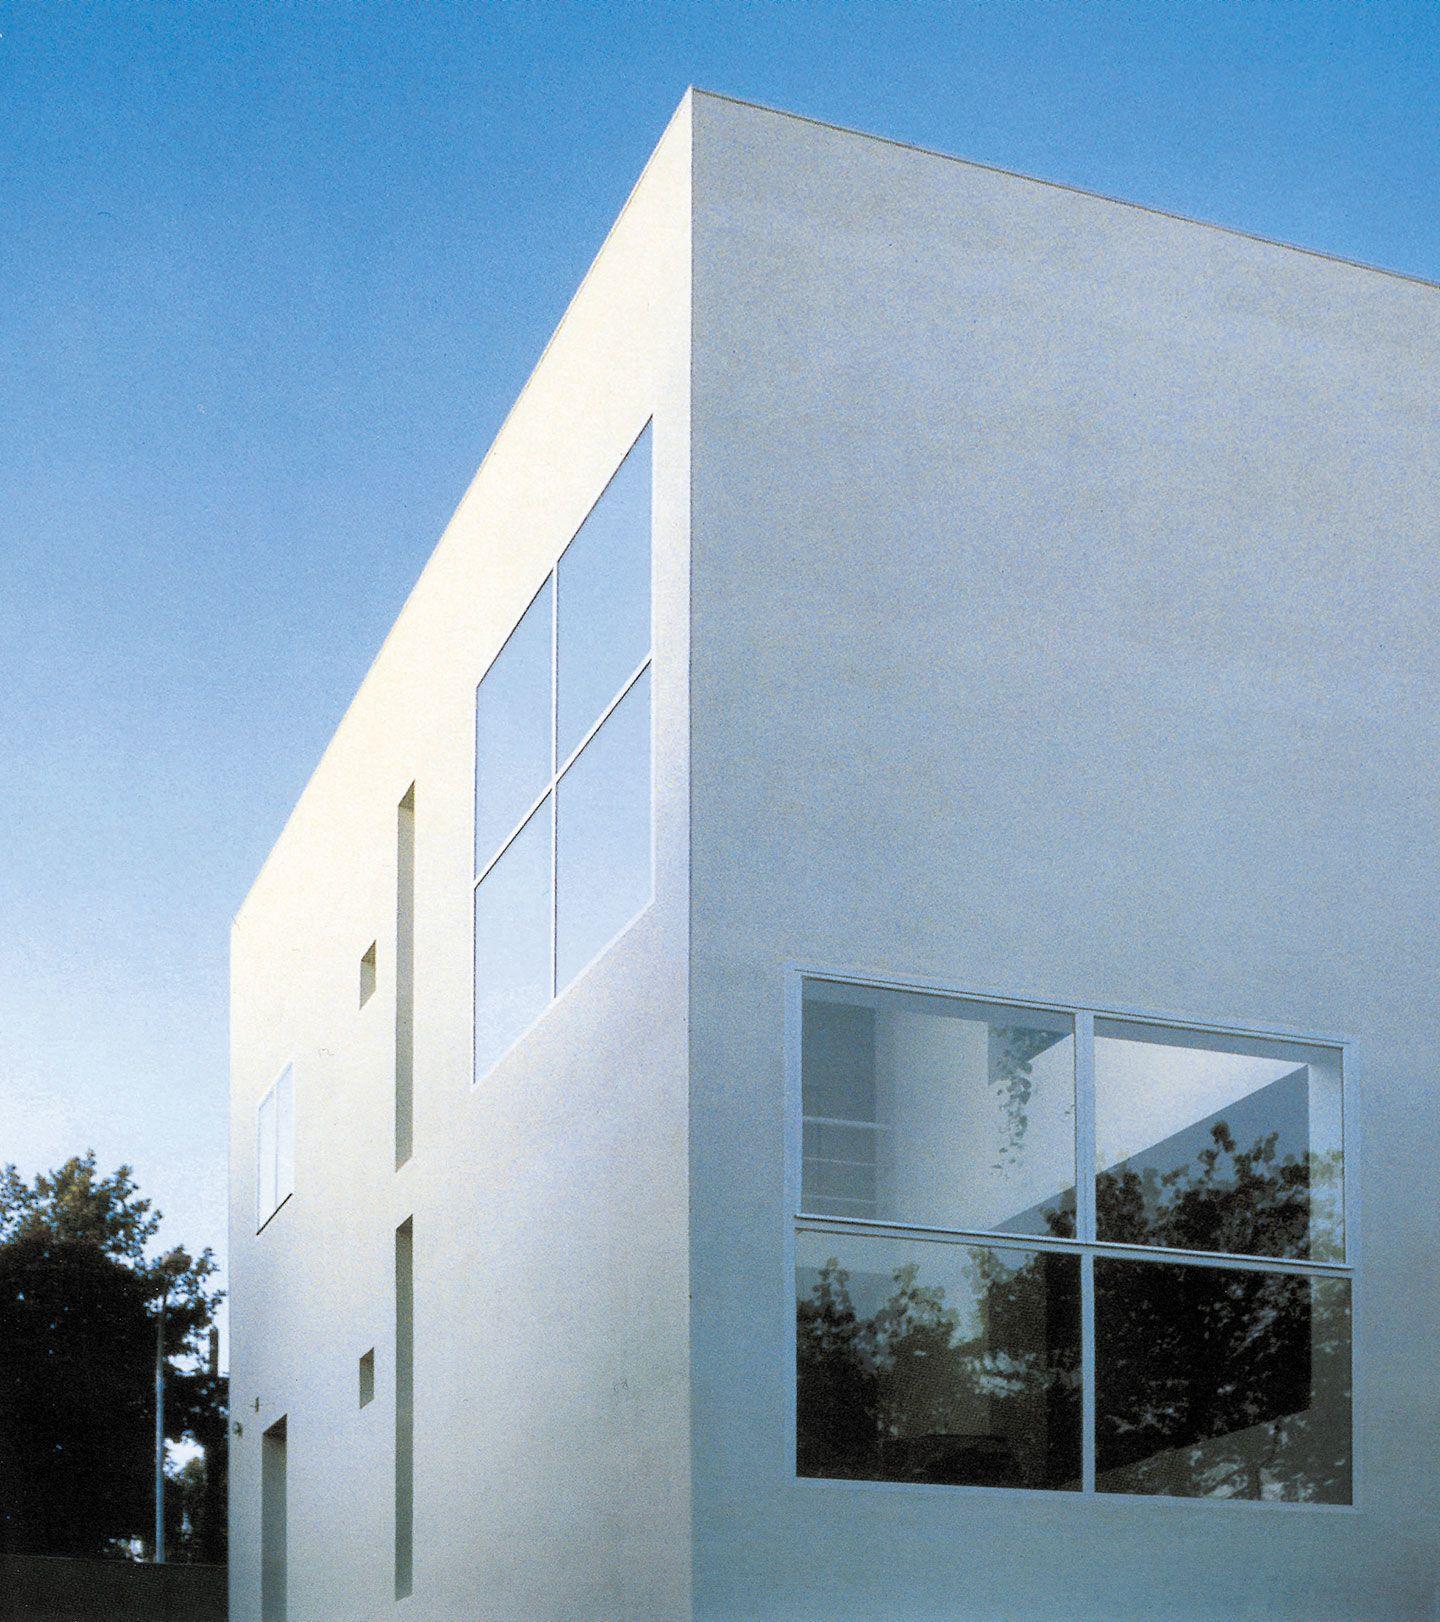 Alberto Campo Baeza, Hisao Suzuki · Turégano House · Divisare